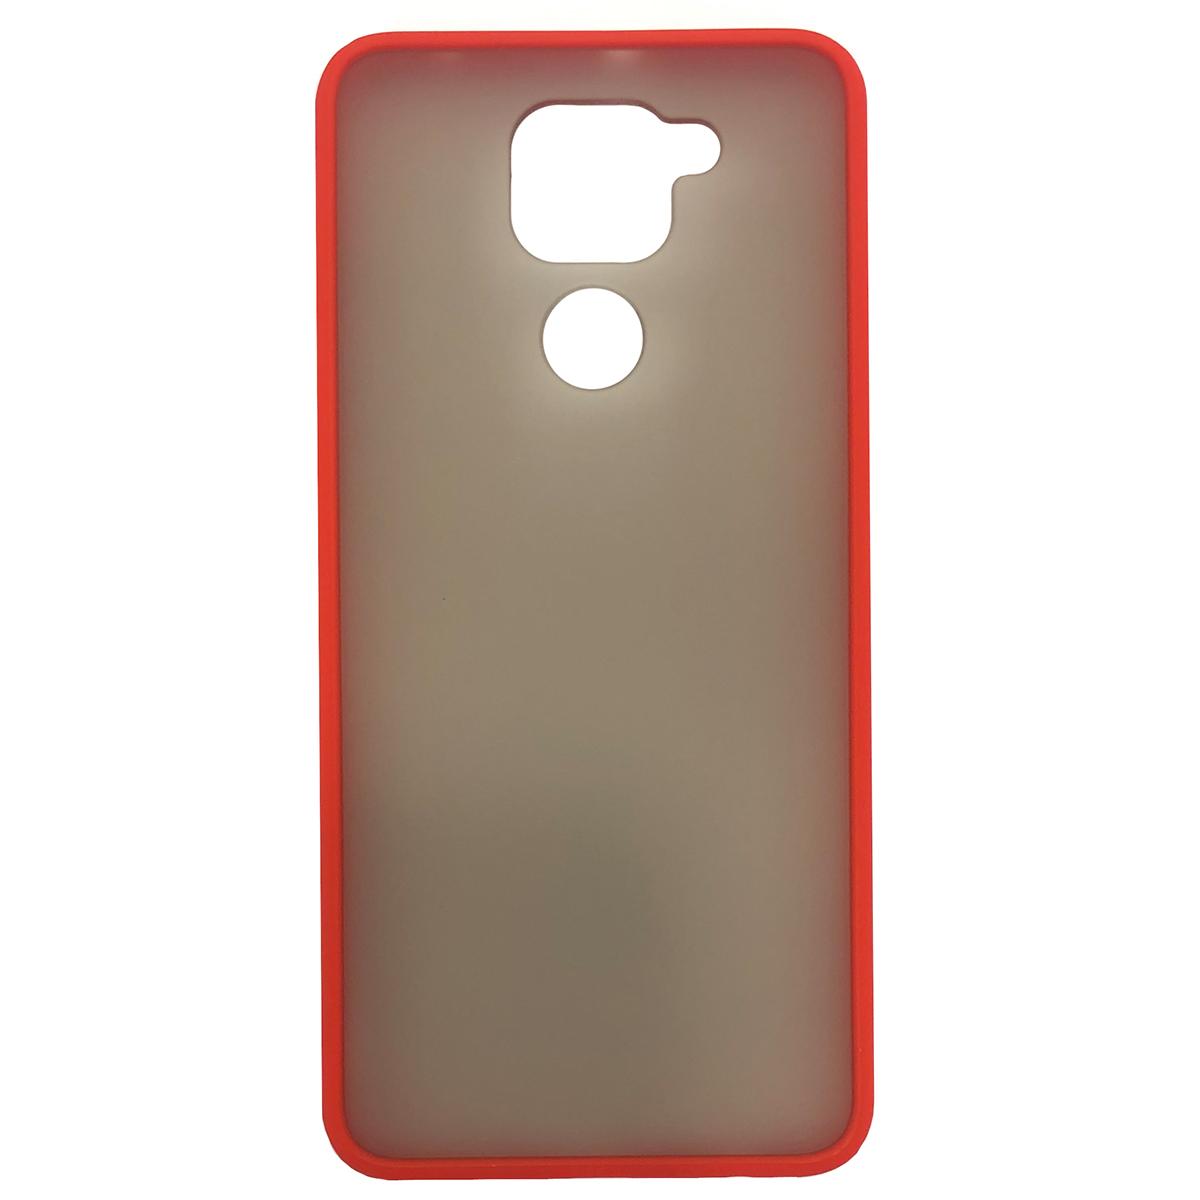 کاور مدل CS-001 مناسب برای گوشی موبایل شیائومی Redmi Note 9              ( قیمت و خرید)